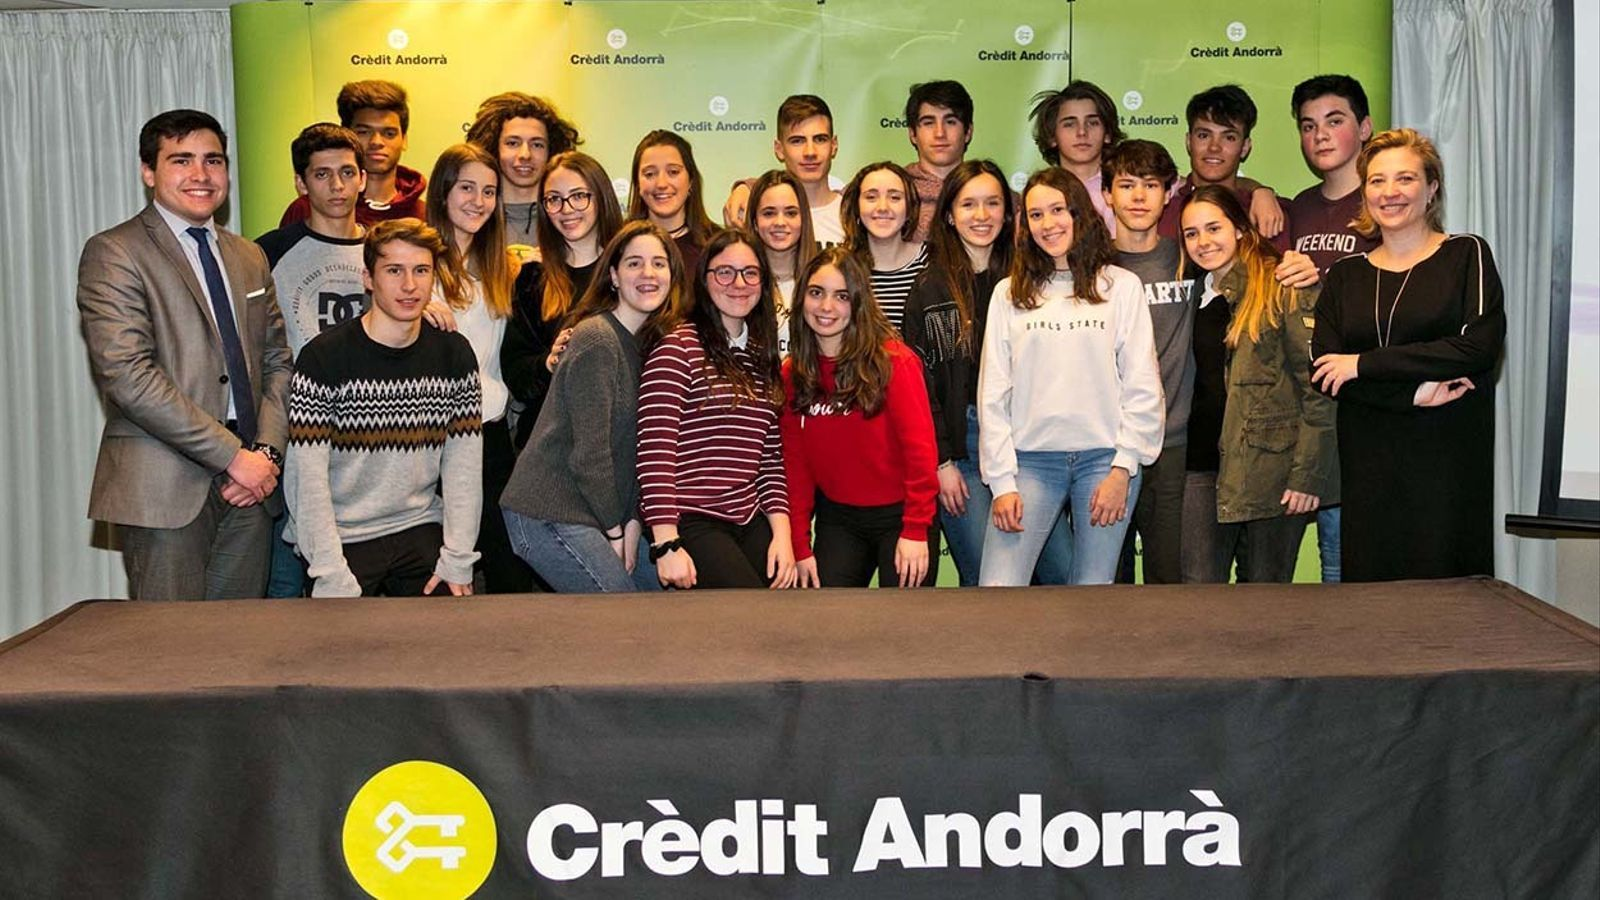 Els alumnes i els responsables de Crèdit Andorrà que han participat en la sessió sobre el sector financer a Crèdit Andorrà. / EDUARD COMELLAS